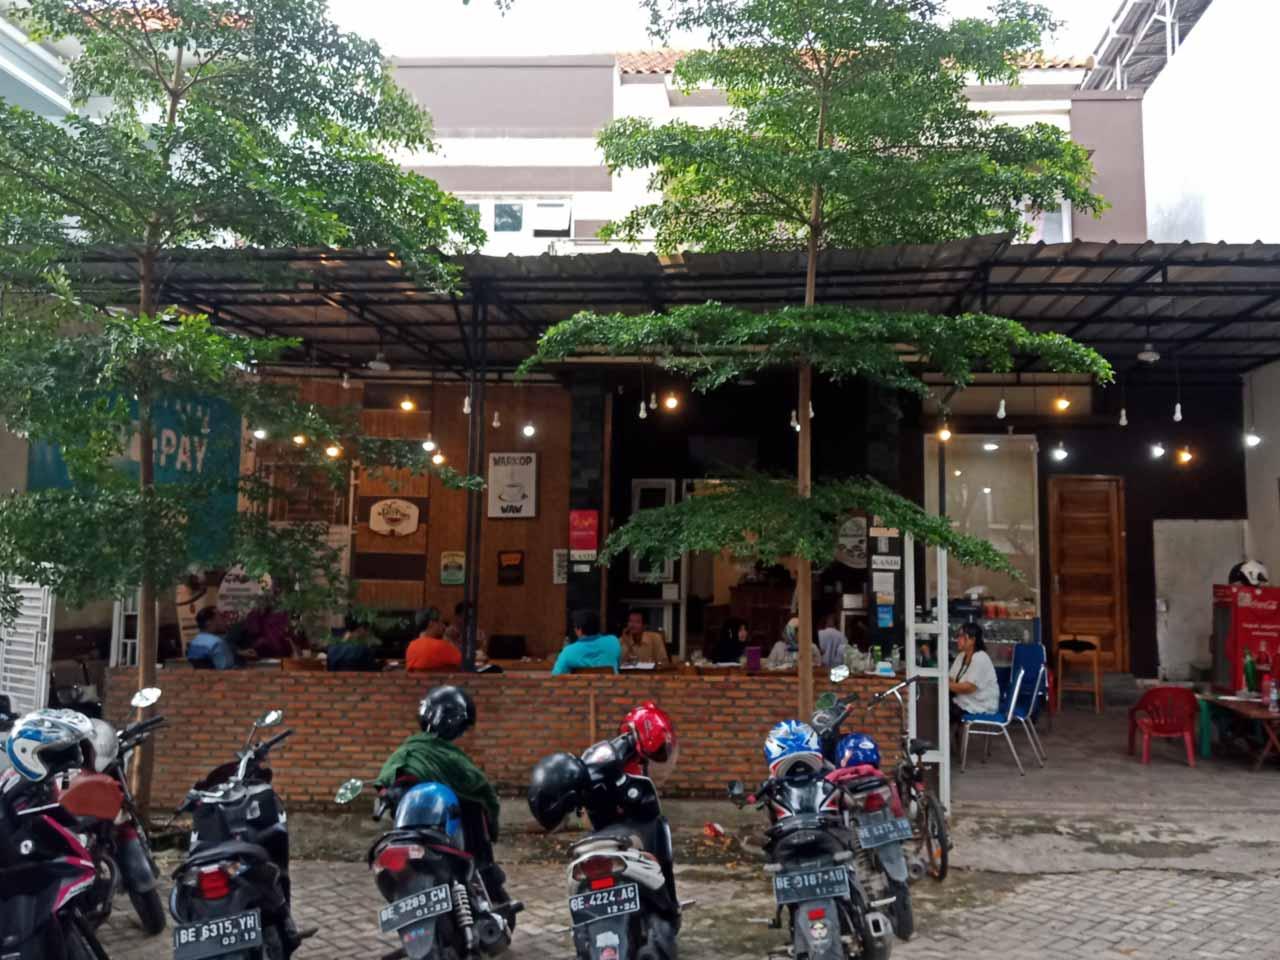 Alamat WarkopWaw - Bandar Lampung - kelilinglampung - Yopie Pangkey